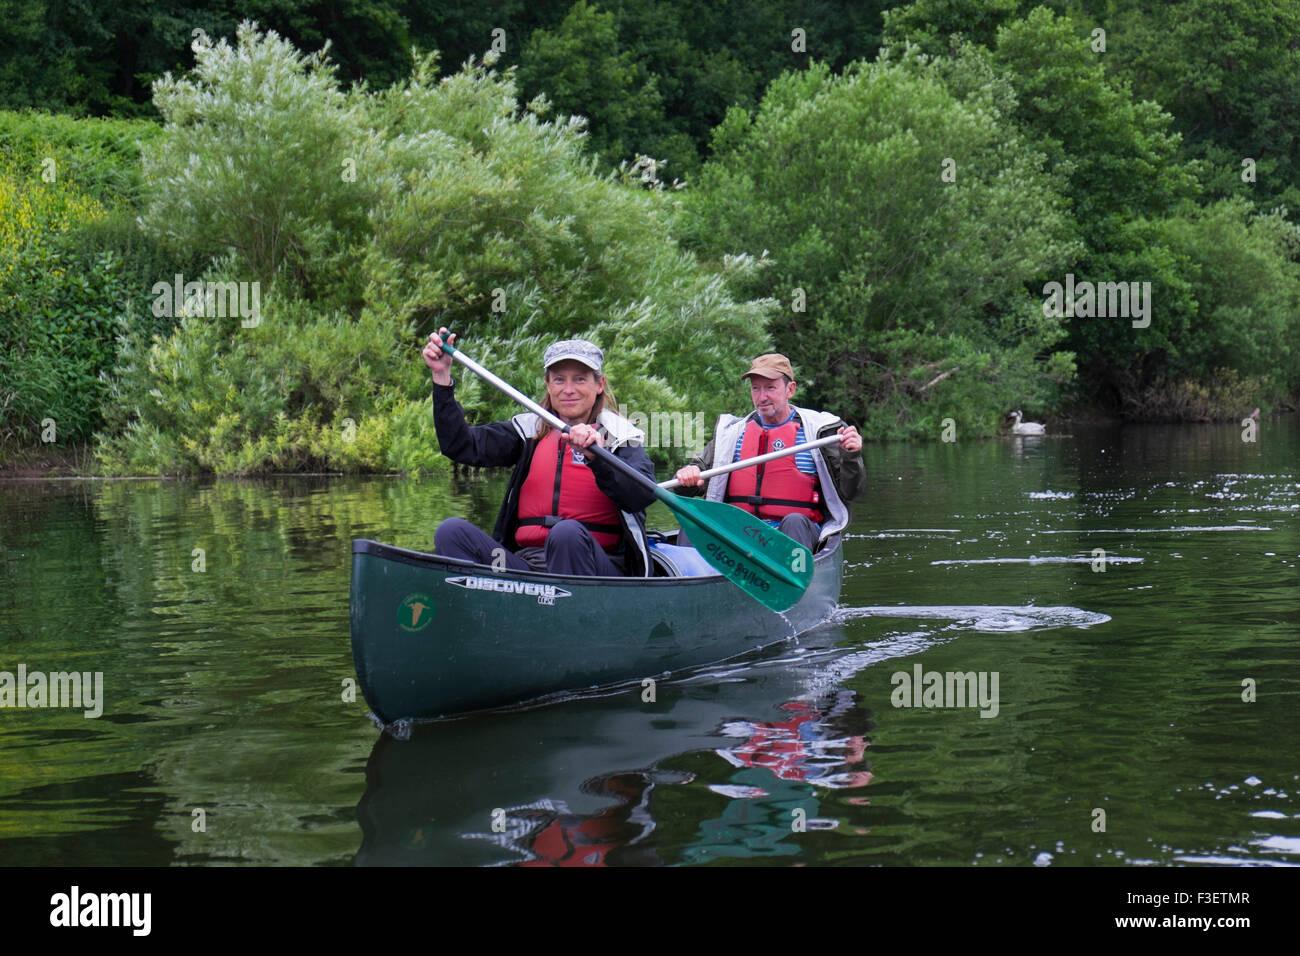 Couple paddling kayak canoe on River Wye near Symonds Yat, Herefordshire, England, UK - Stock Image